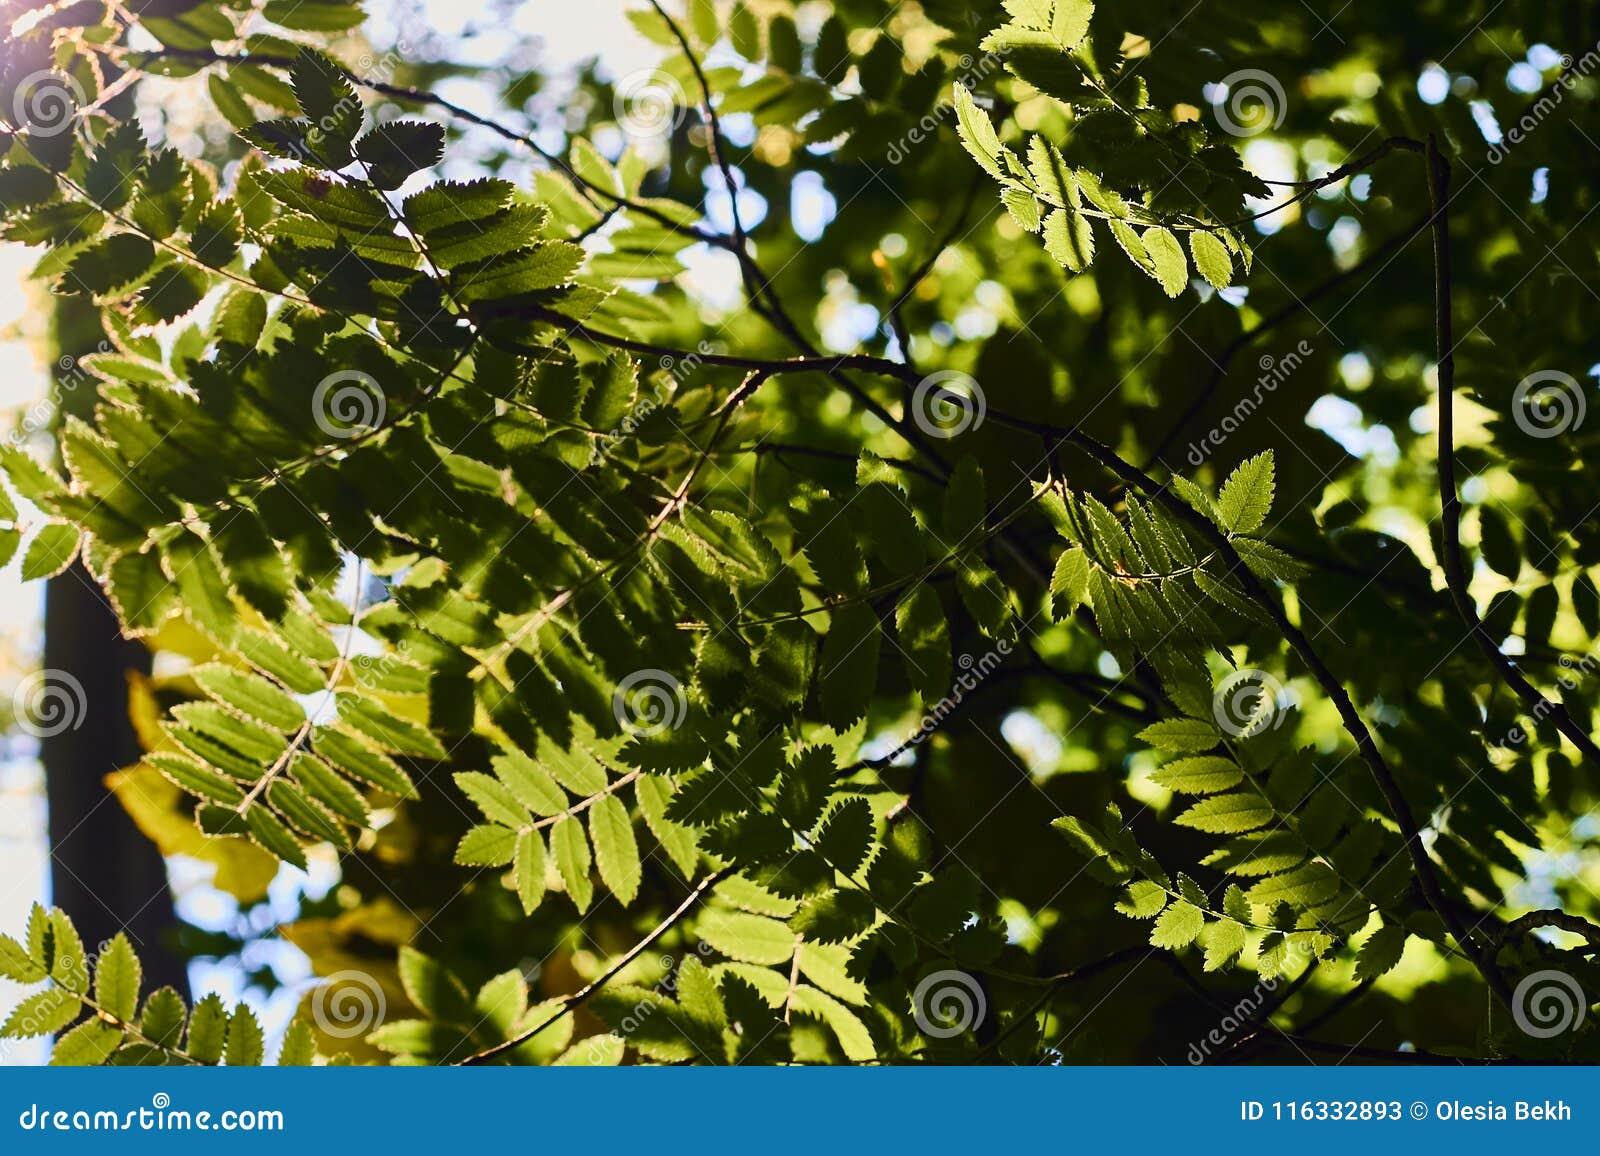 Закройте вверх свежих зеленых листьев загоренных солнечным светом